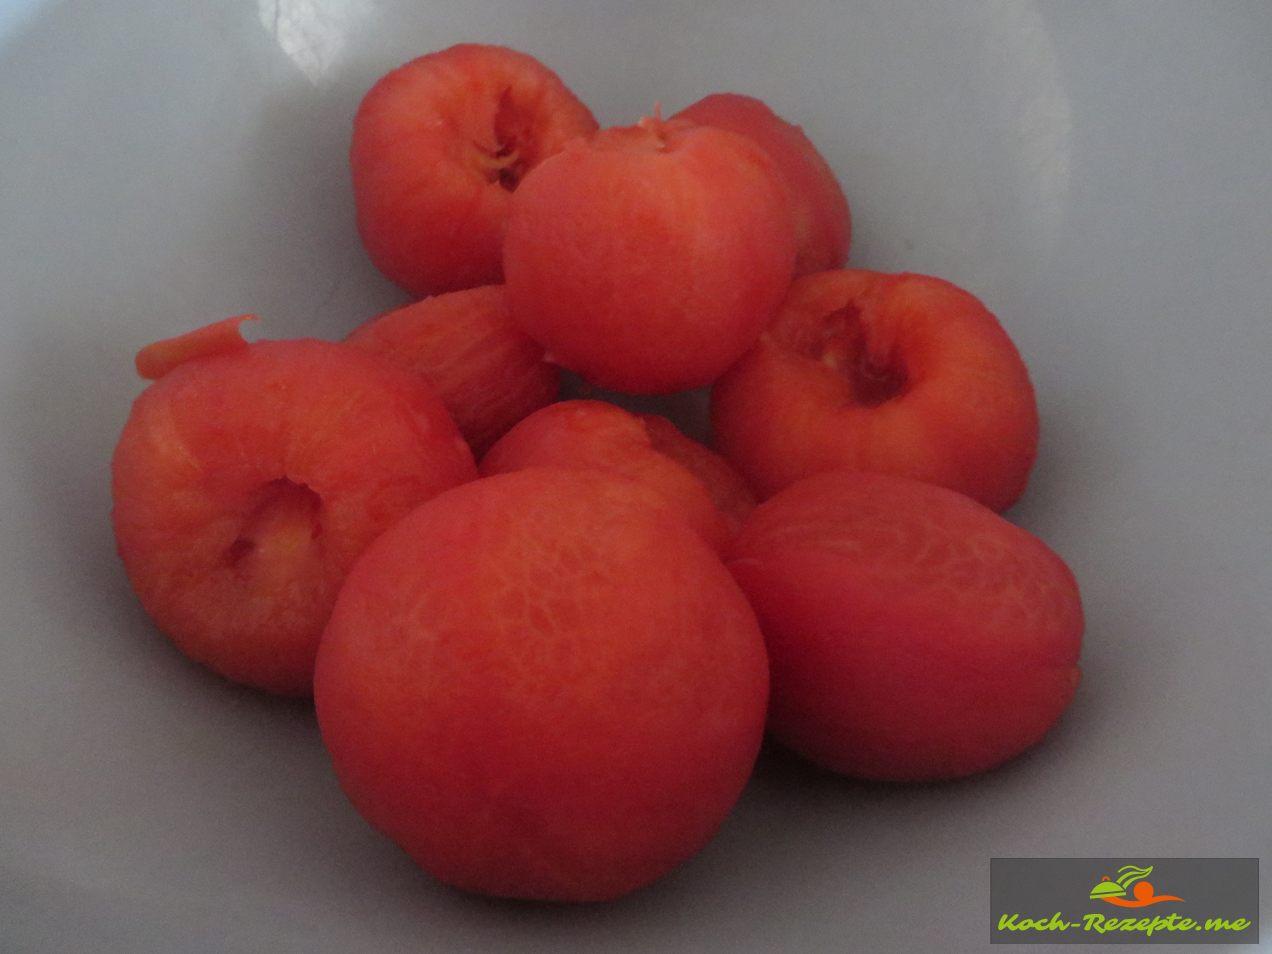 die Haut  wurde von den  Tomaten abgezogenen